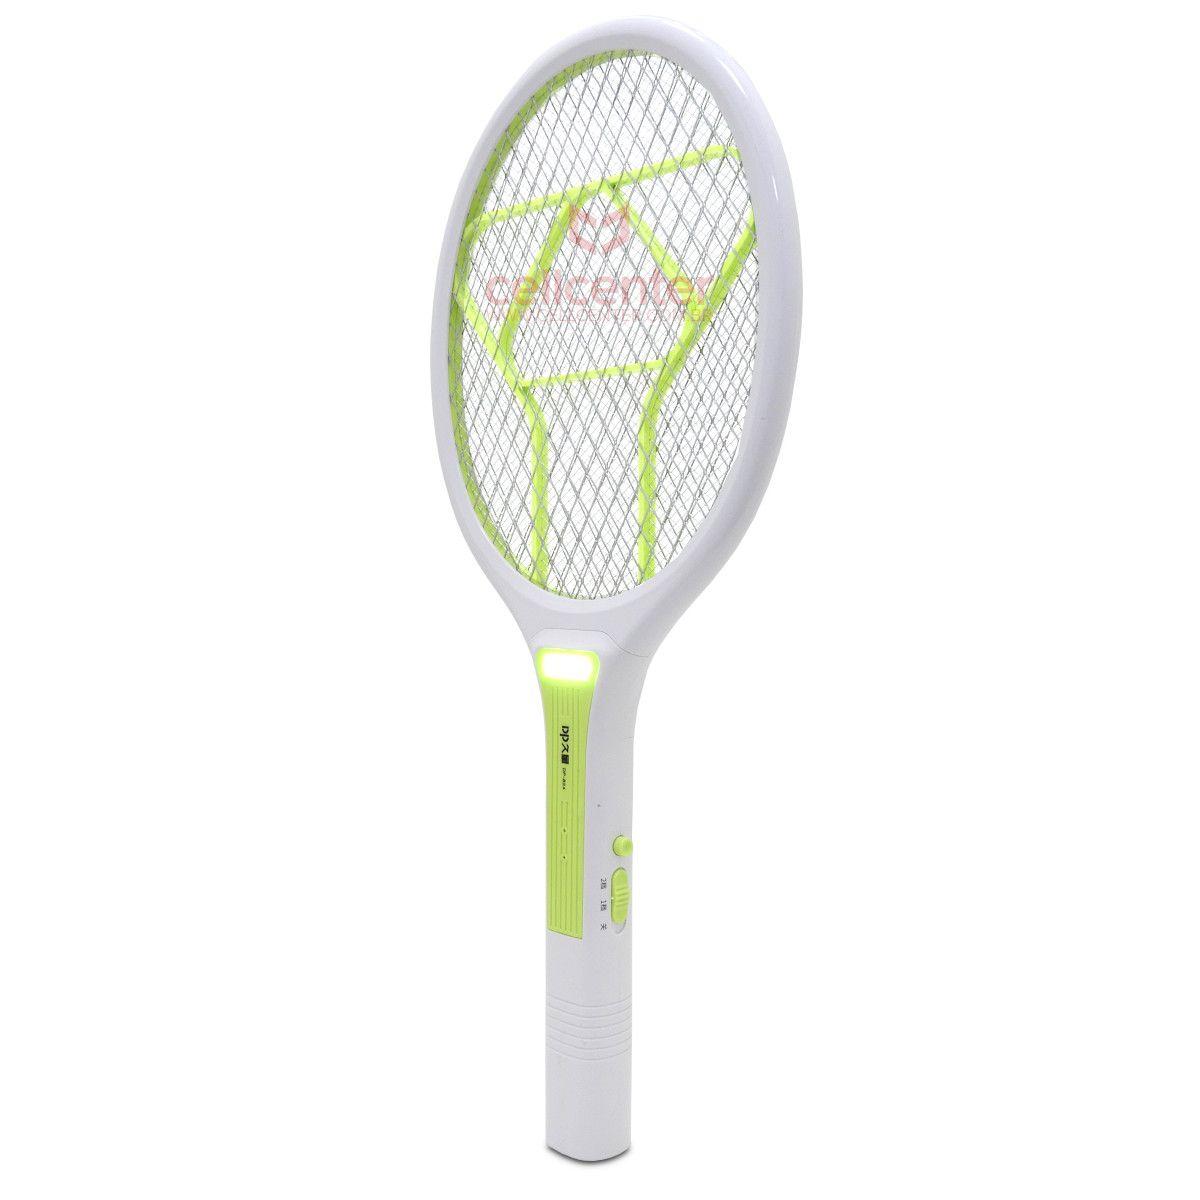 Mata Moscas e Mosquito Raquete Elétrica com Bateria Recarregável Luz LED DP-824